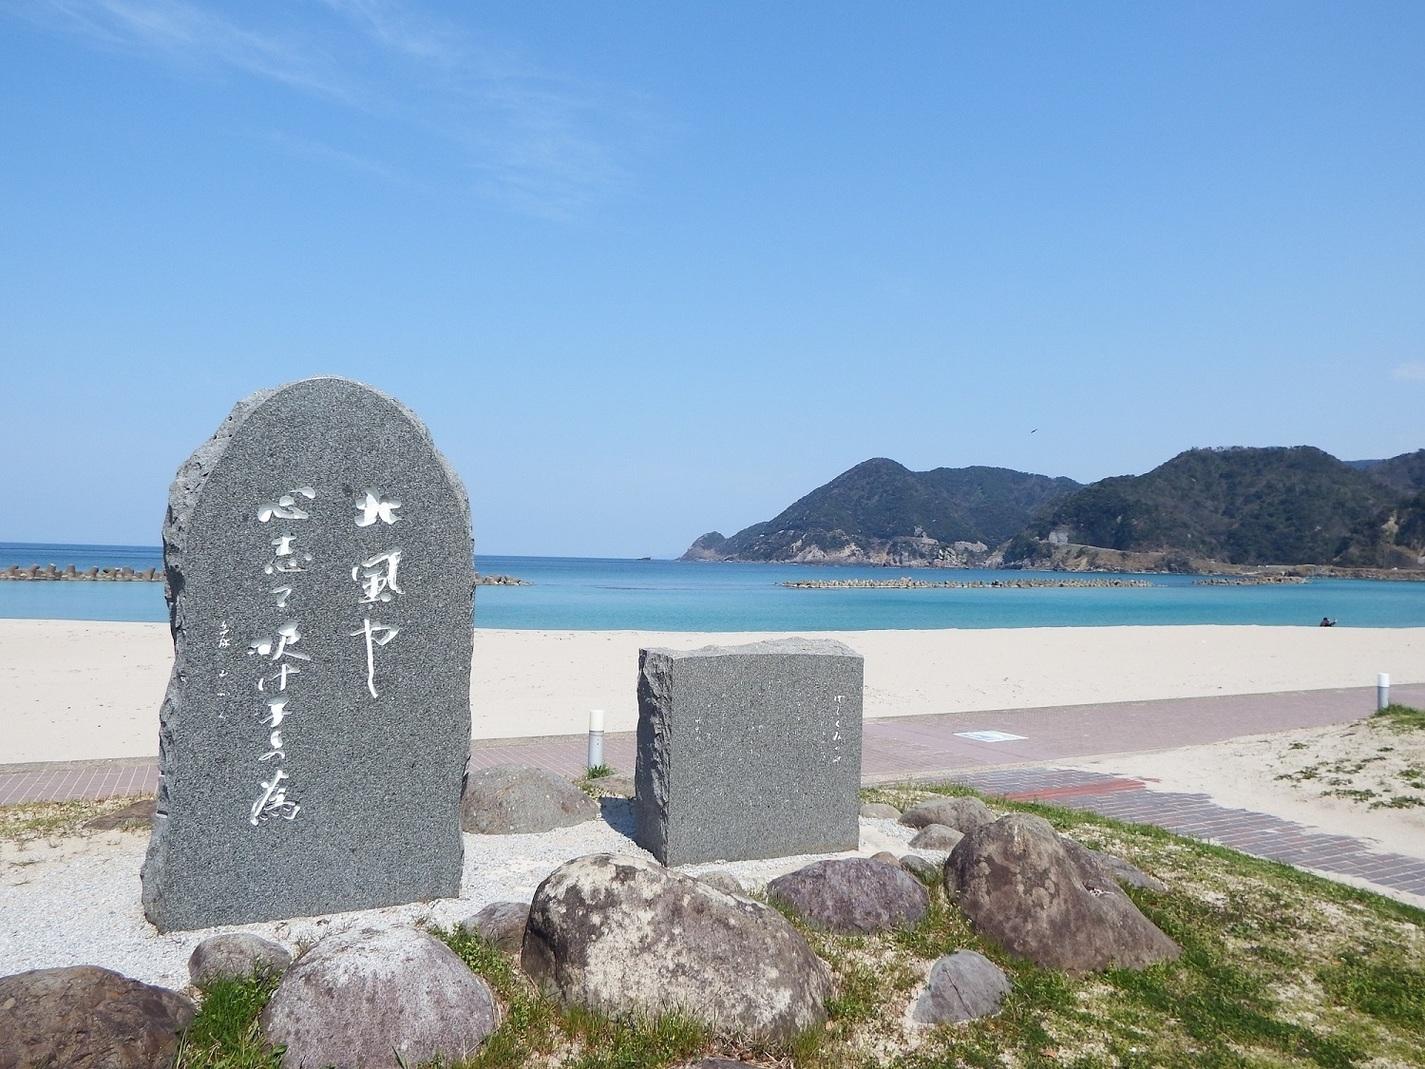 Takeno